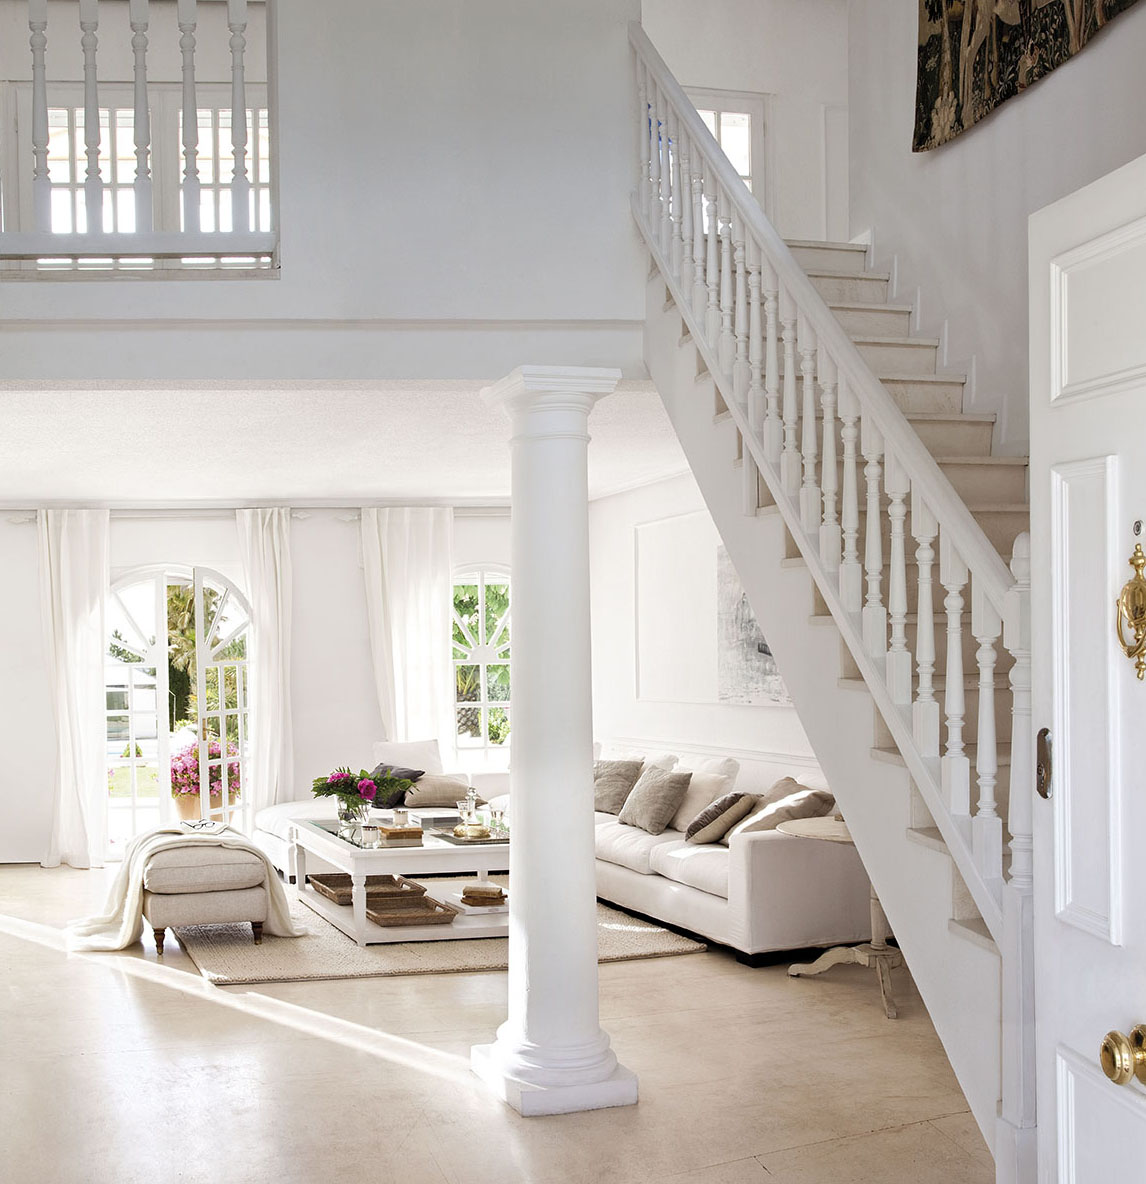 00302839. Blanco salón tras la escalera del recibidor_00302839